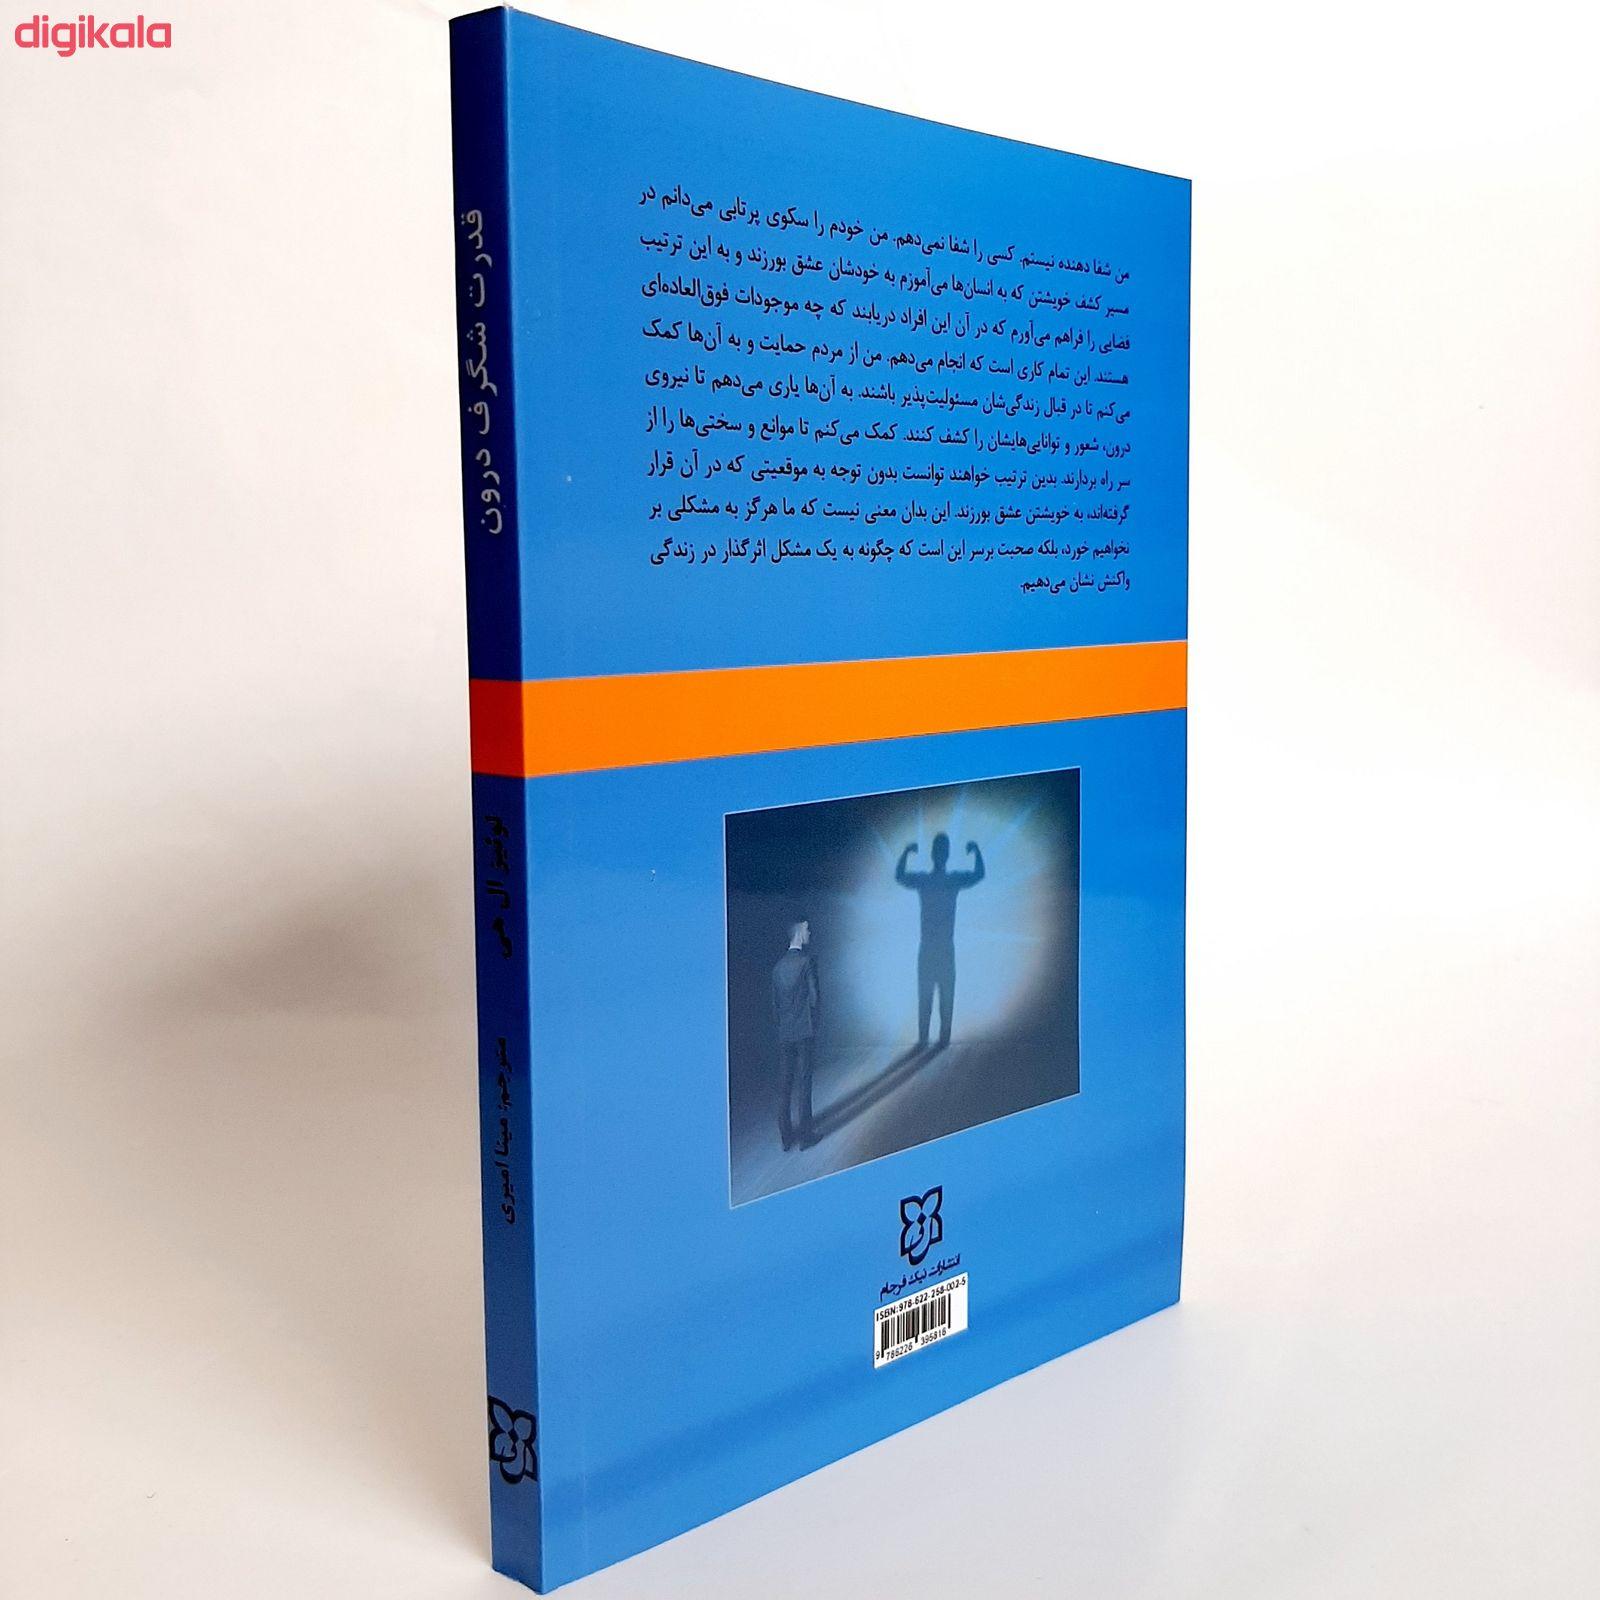 کتاب قدرت شگرف درون اثر لوئیز ال هی انتشارات نیک فرجام main 1 3